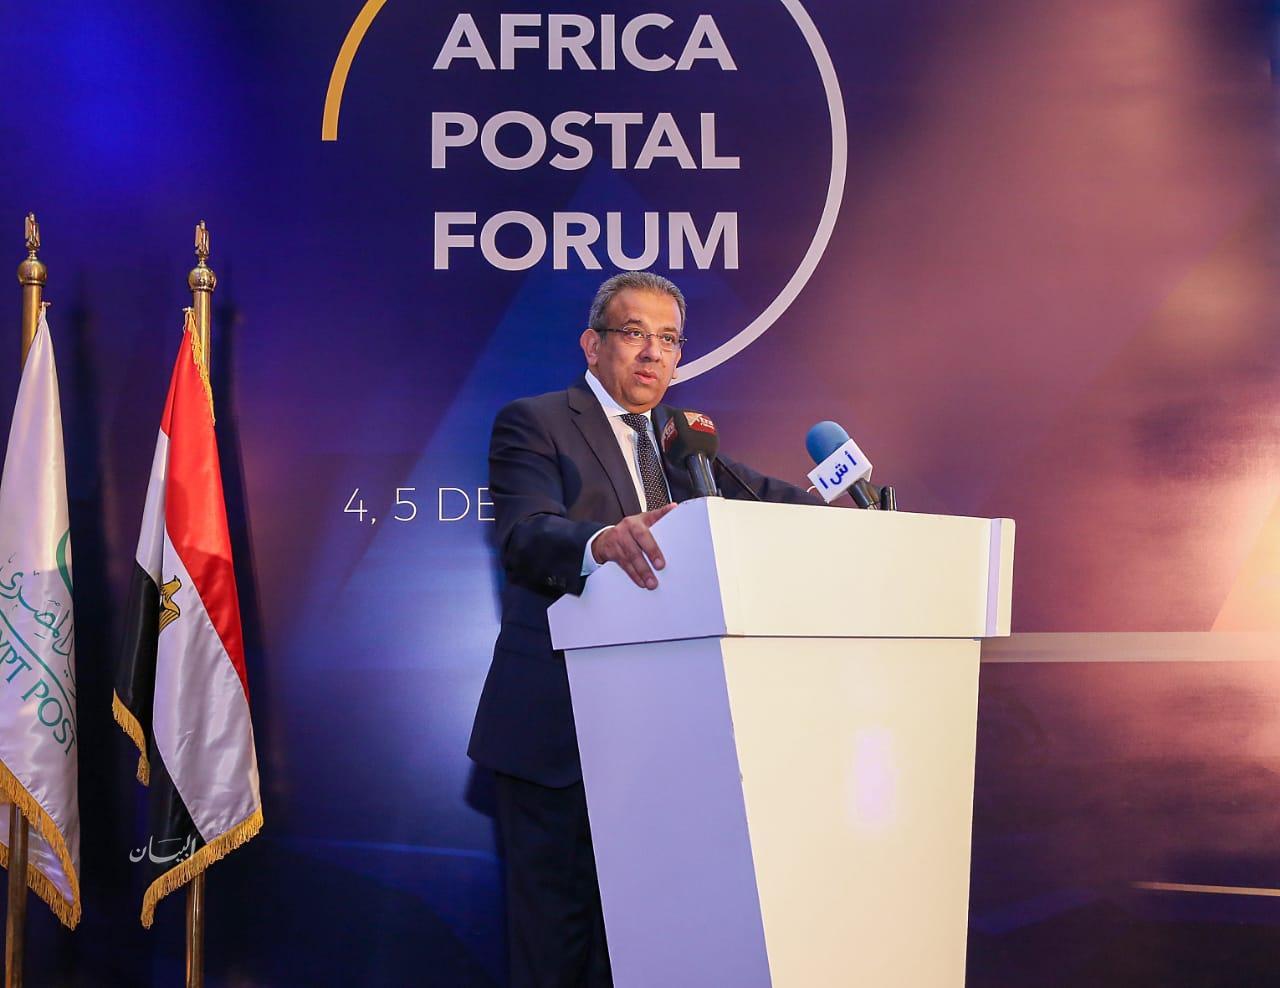 البرید المصري یفوز برئاسة رابطة رؤساء الھیئات البریدیة الافریقیة لمدة عامین